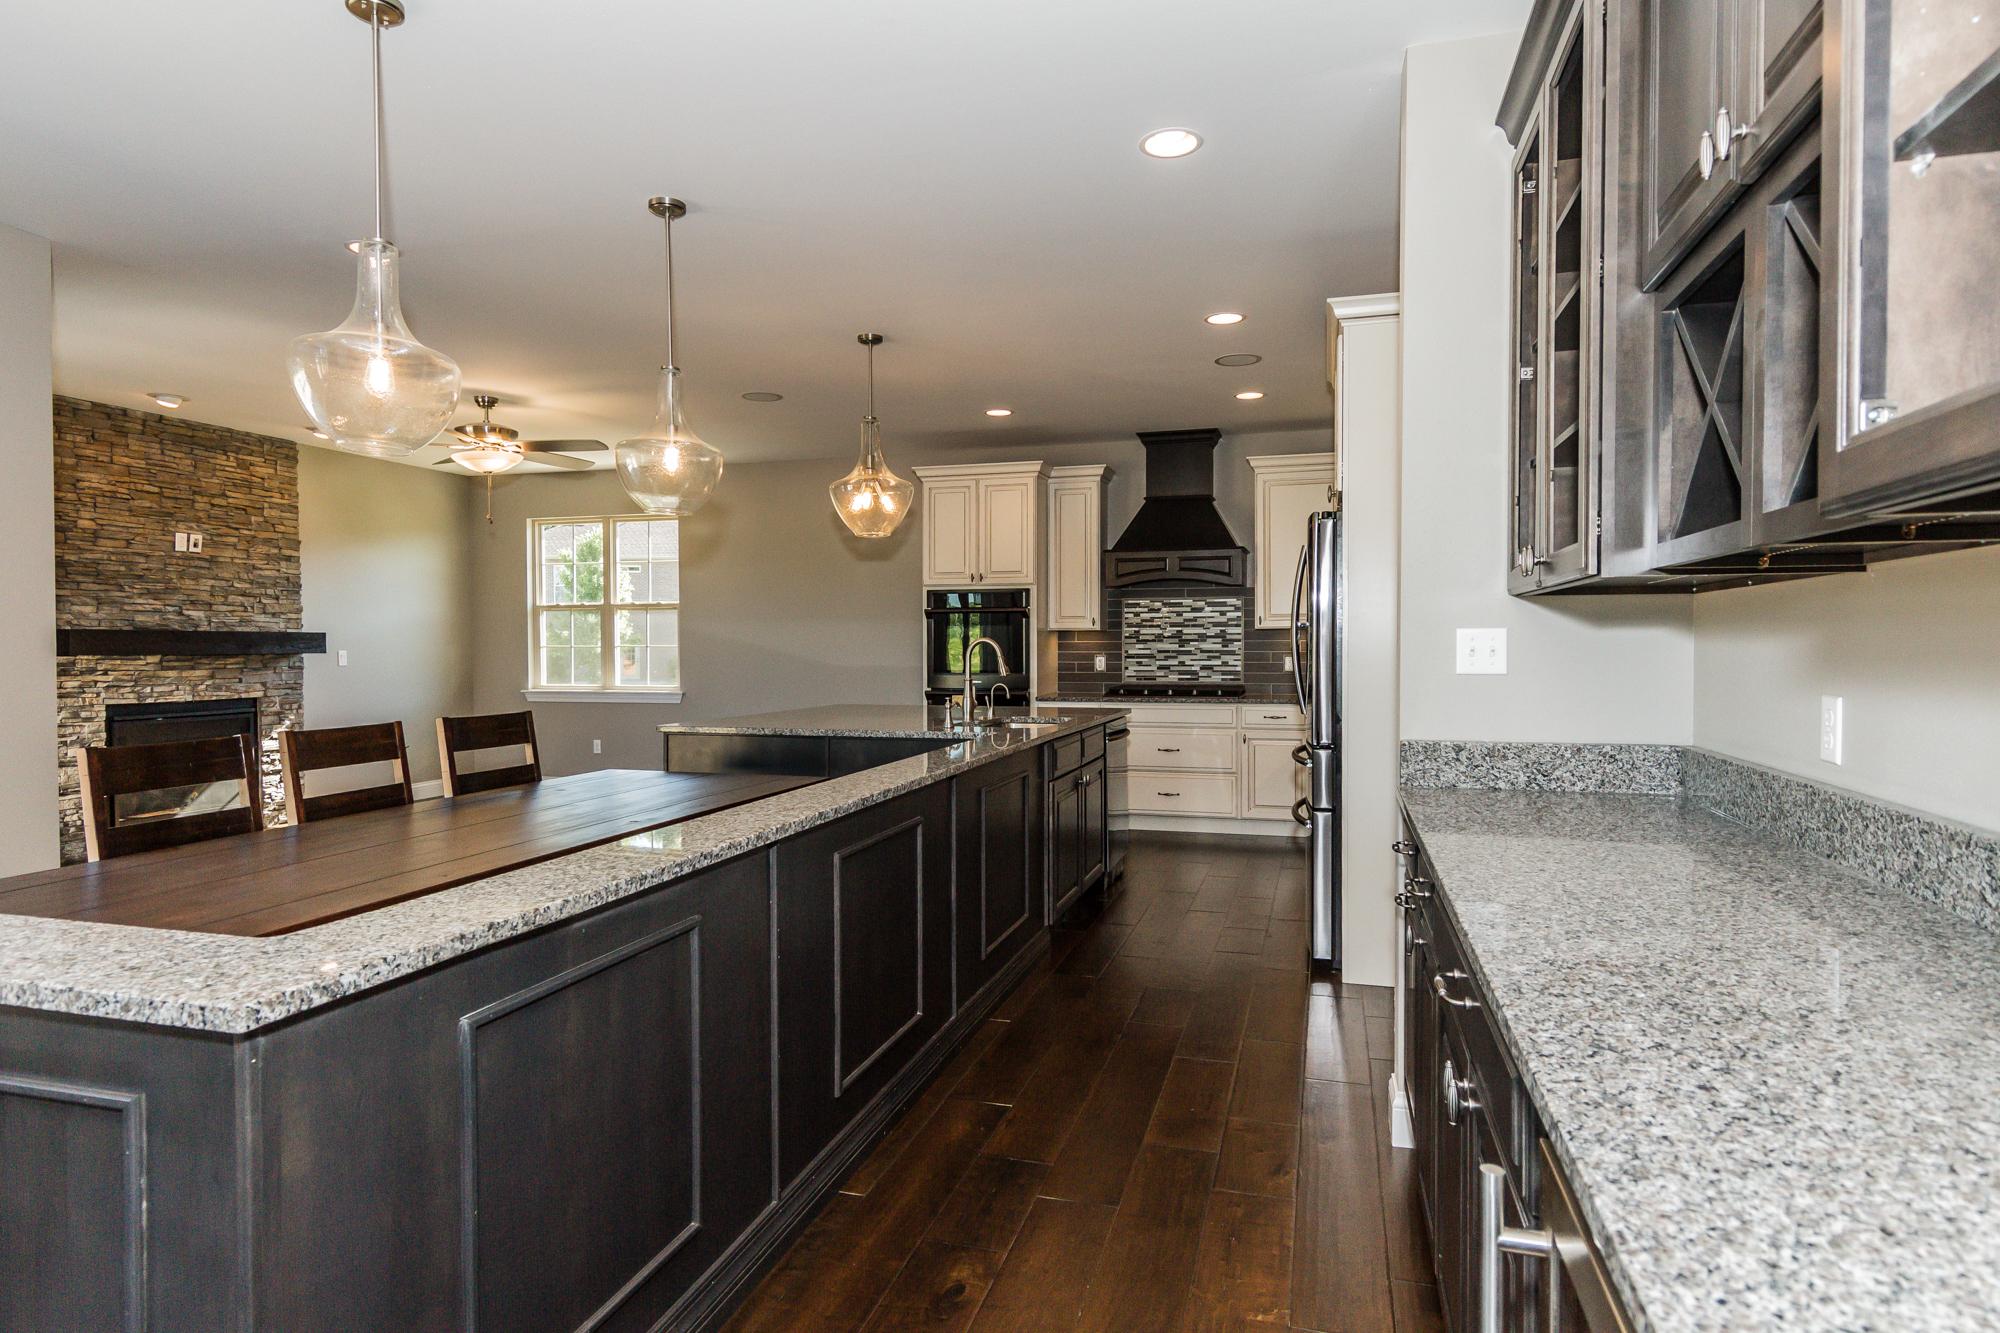 New-Construction-For-Sale-O'Fallon-Illinois-CR-Holland-0-32.jpg